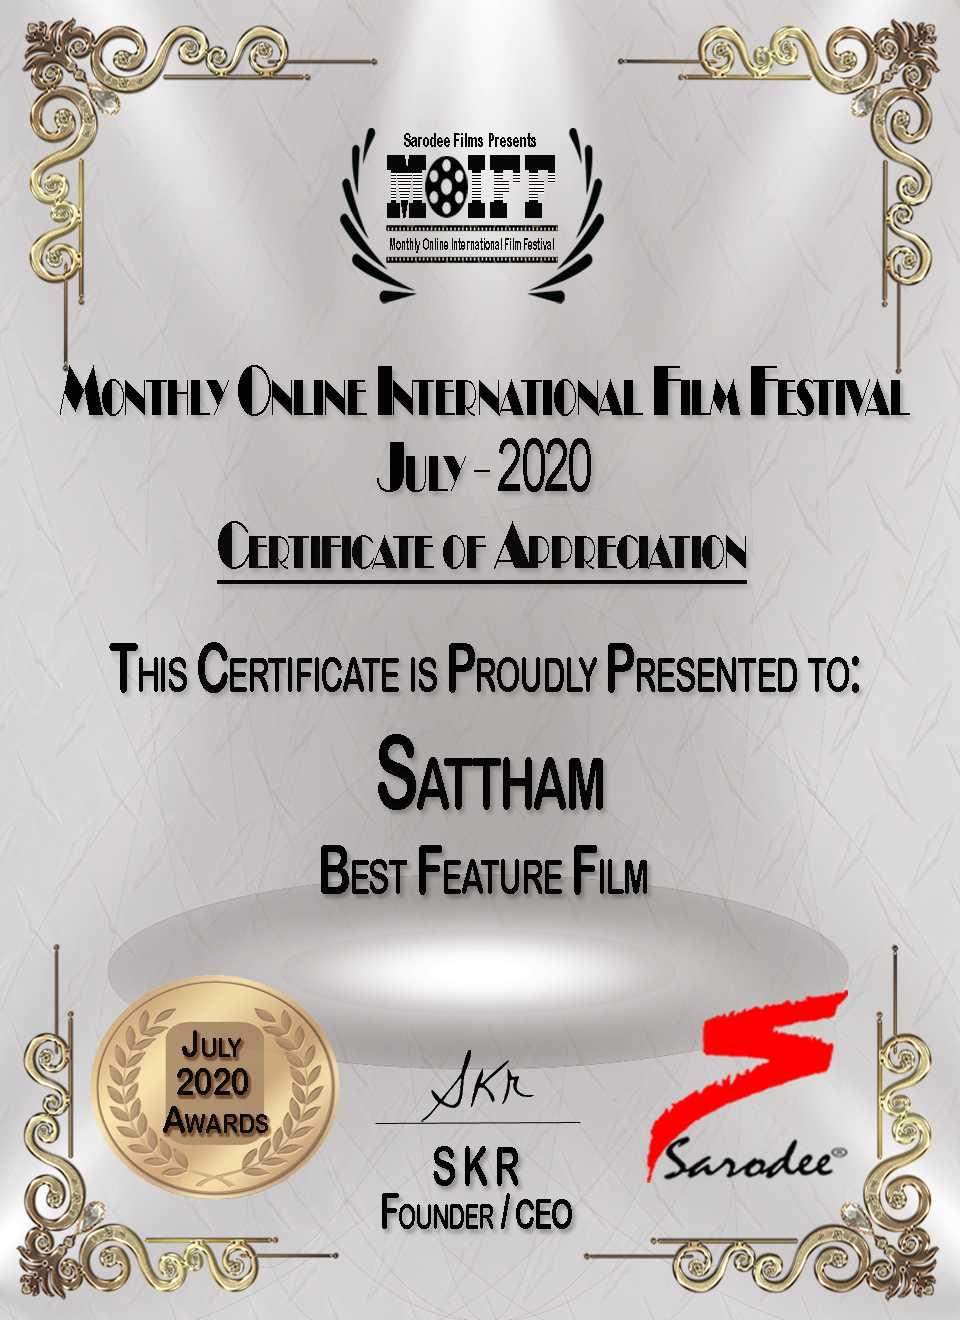 Awards of SATTHAM